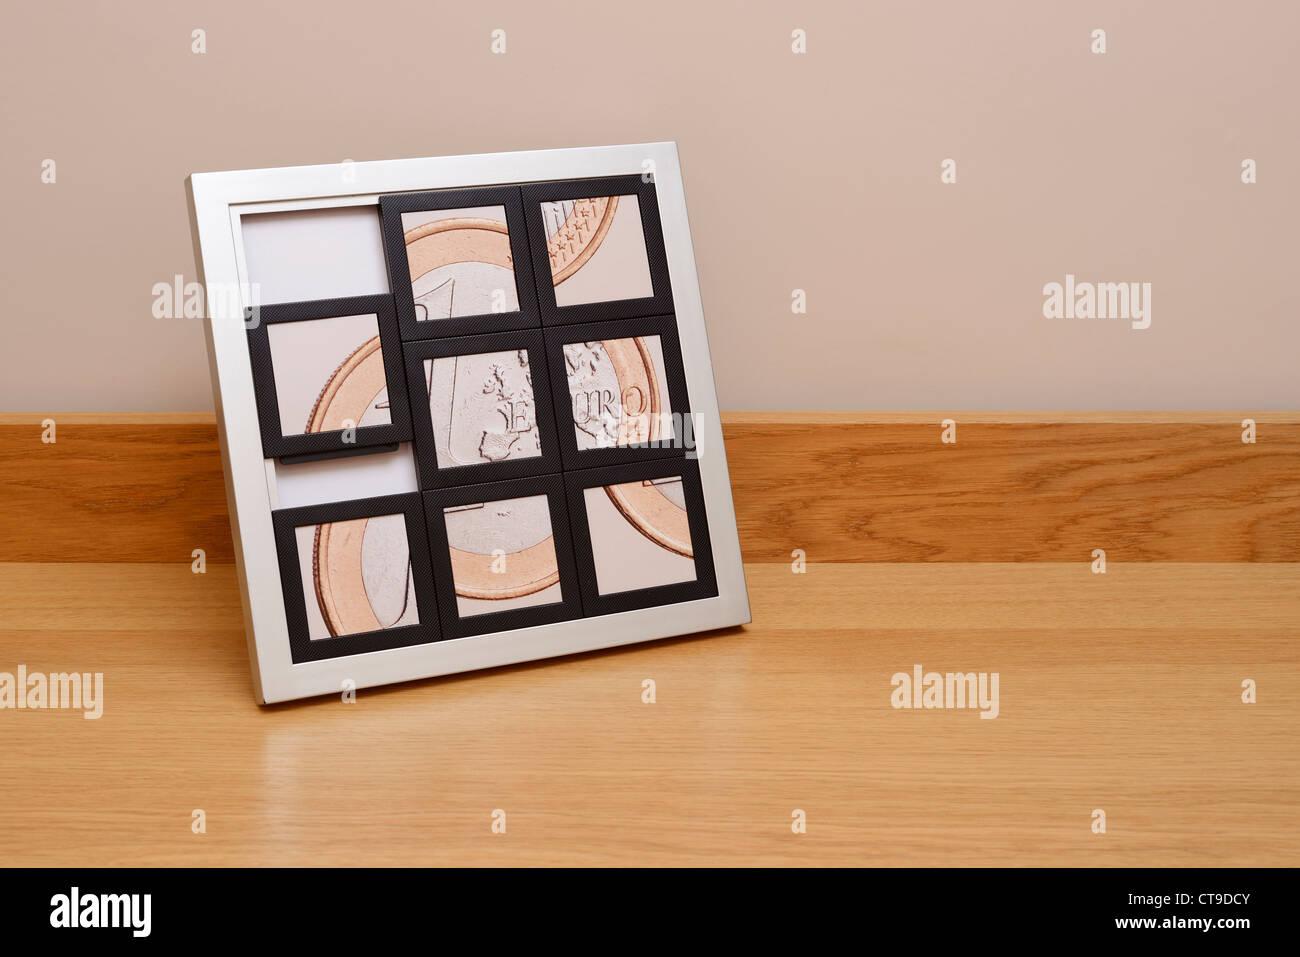 Pièce en euros broken up concept Photo Stock